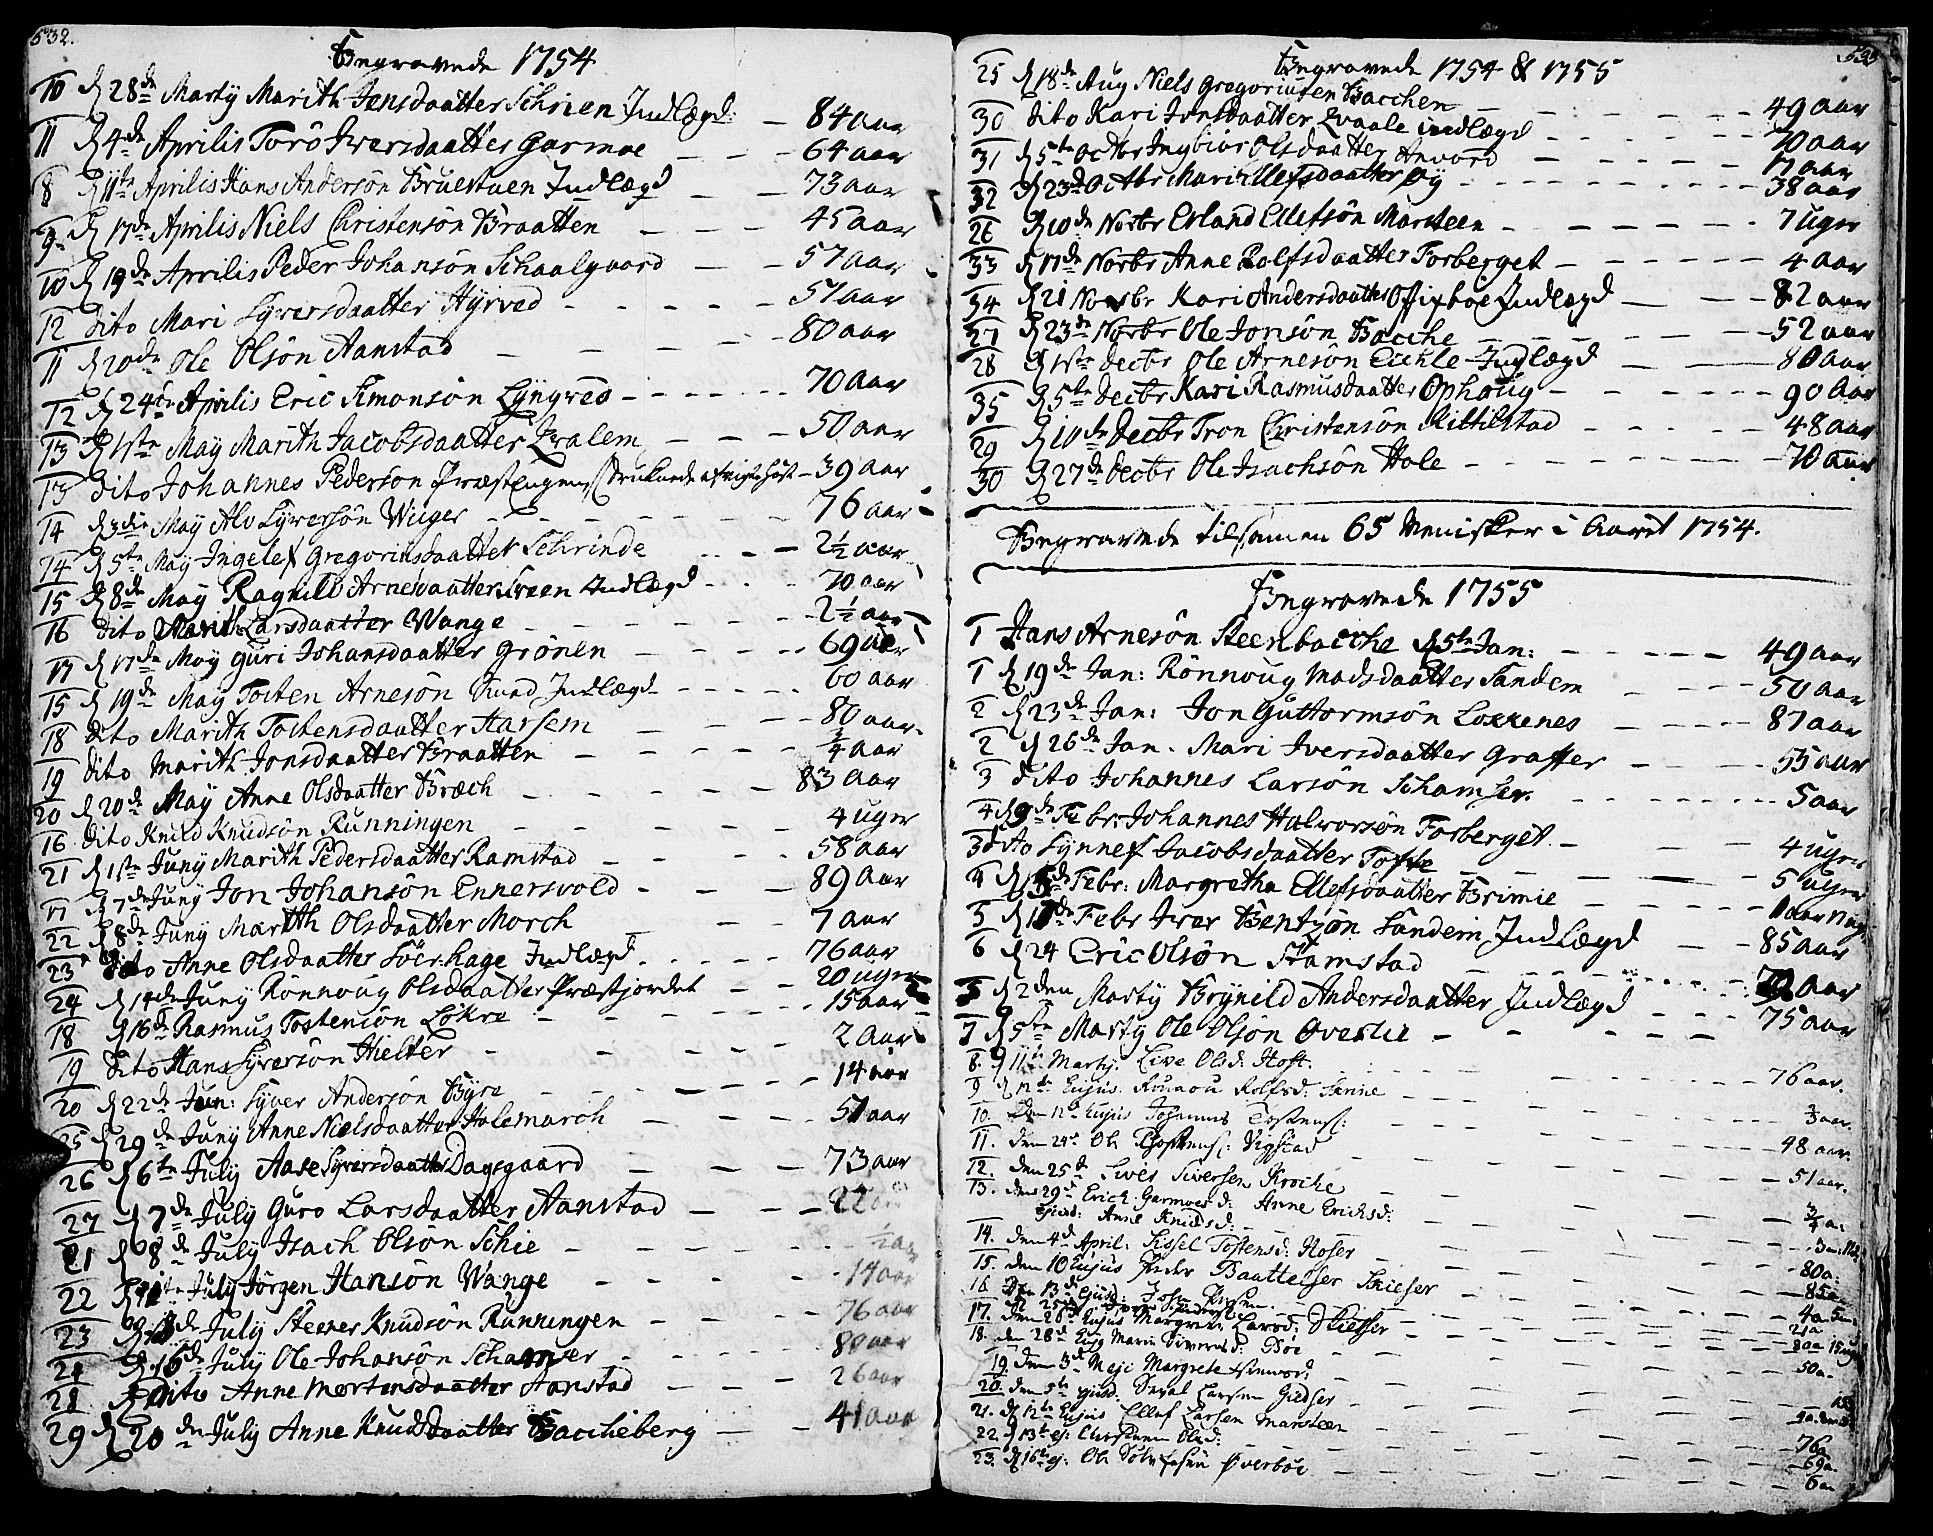 SAH, Lom prestekontor, K/L0002: Ministerialbok nr. 2, 1749-1801, s. 532-533